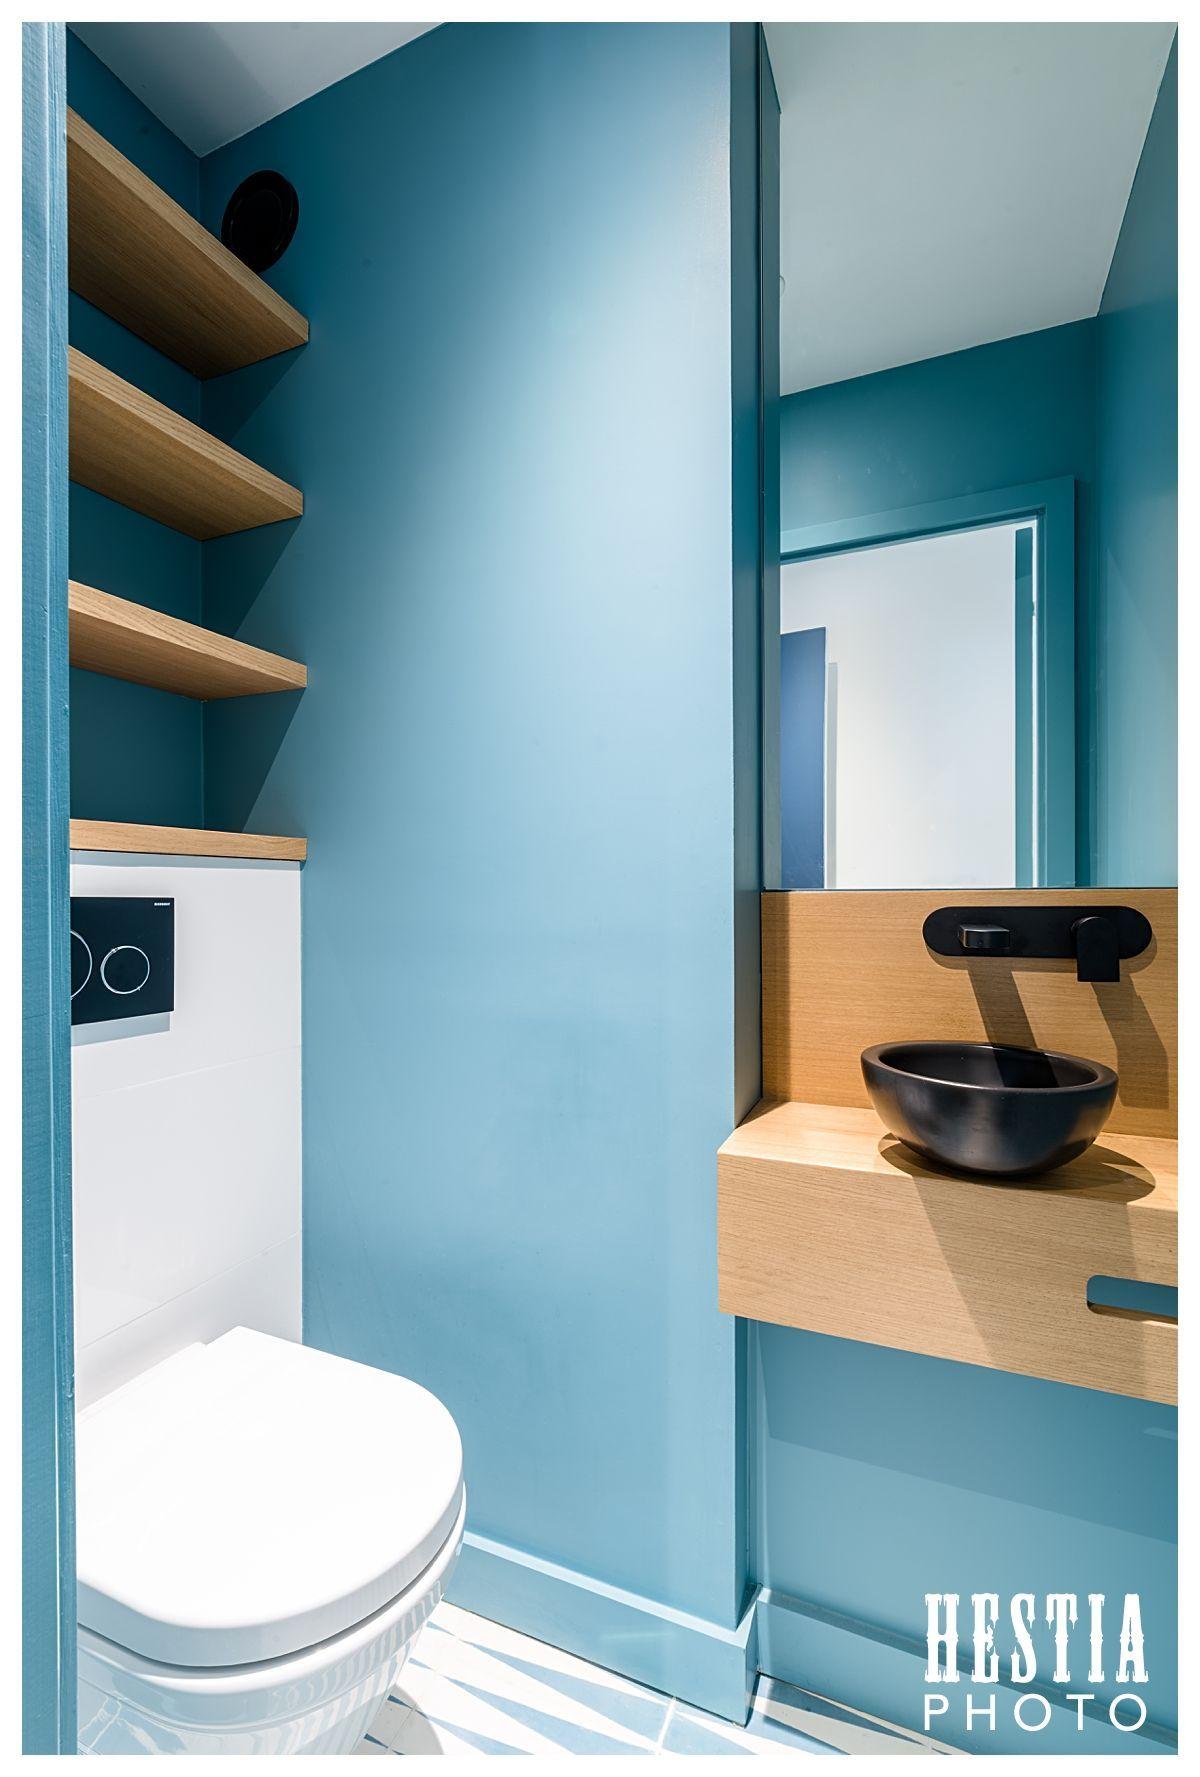 Amenagement Toilettes Wc Suspendu Mur Bleu Canard Et Vasque Noire Avec Plan En Bois Suspended T Amenagement Toilettes Wc Suspendu Decoration Salle De Bain